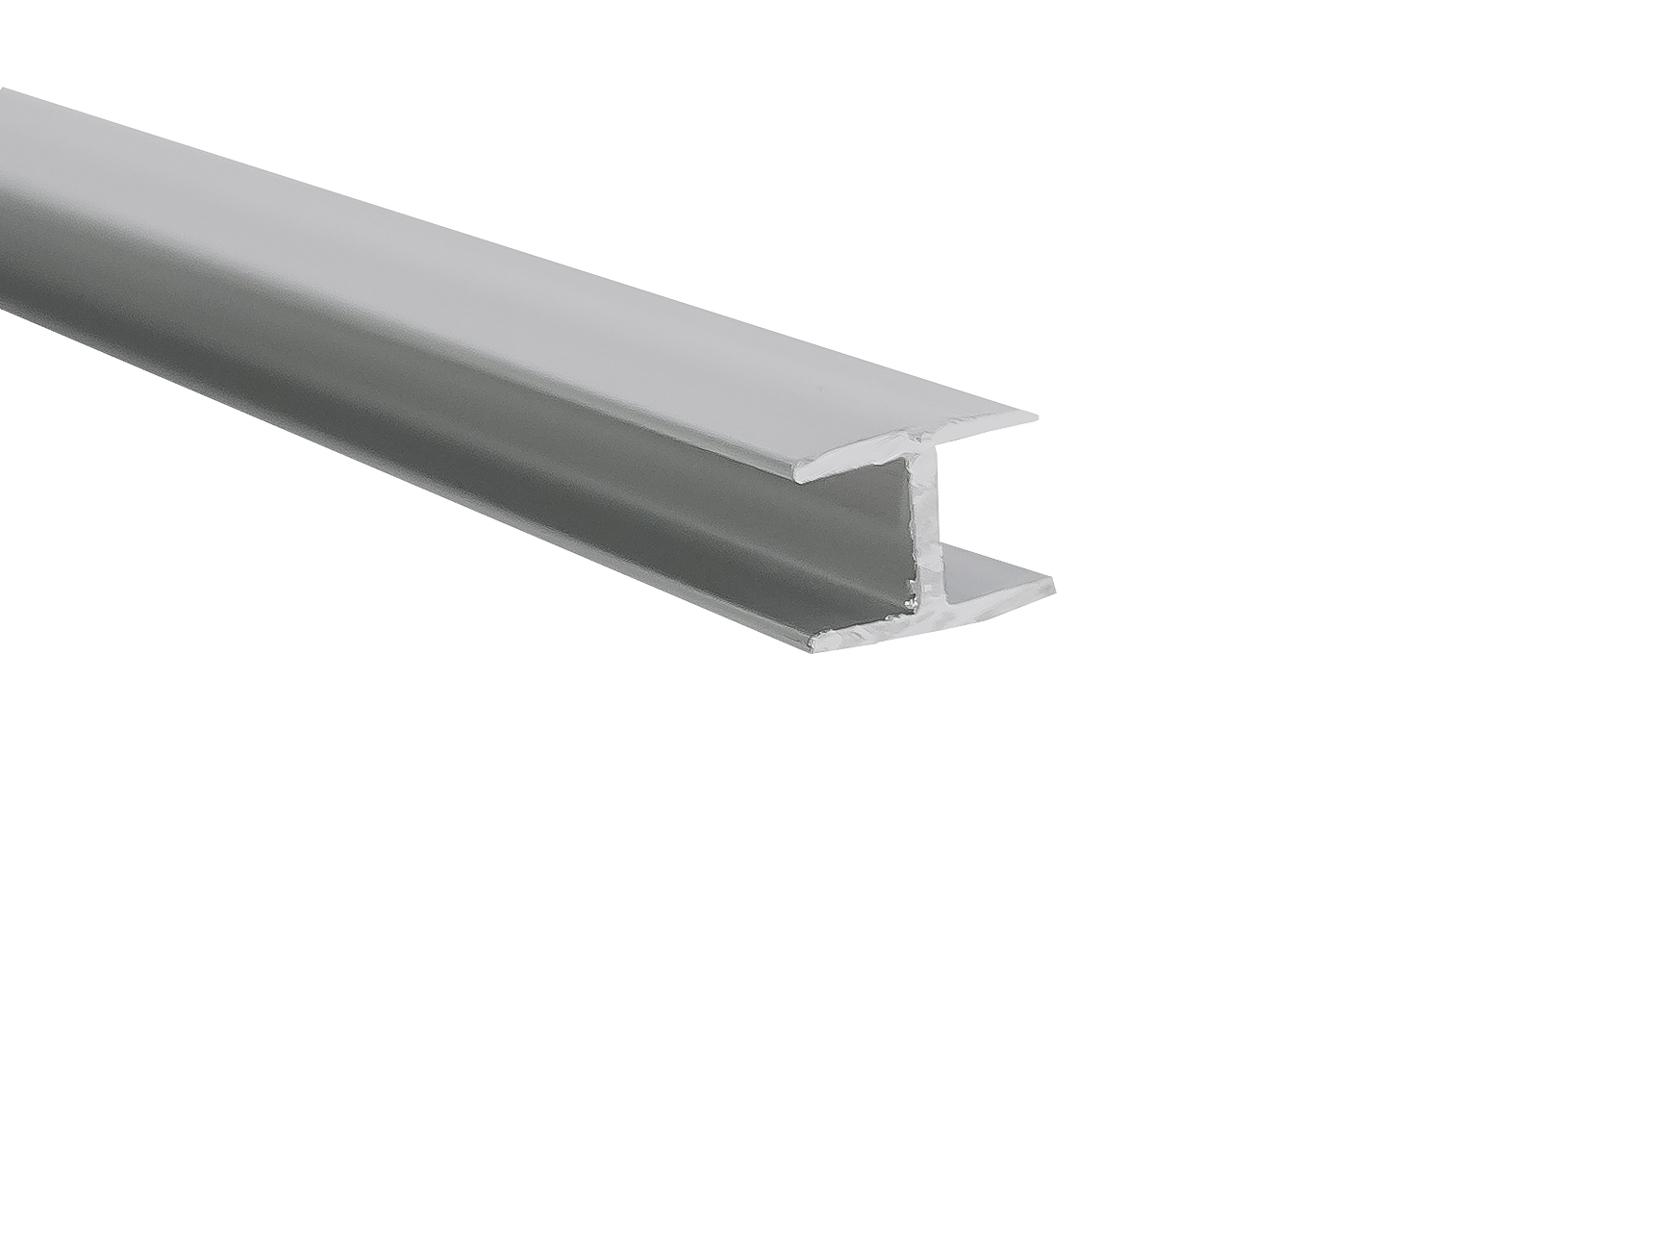 Планка Сокол Планка для стеновой панели соединительная соединительная планка smeg reflka1